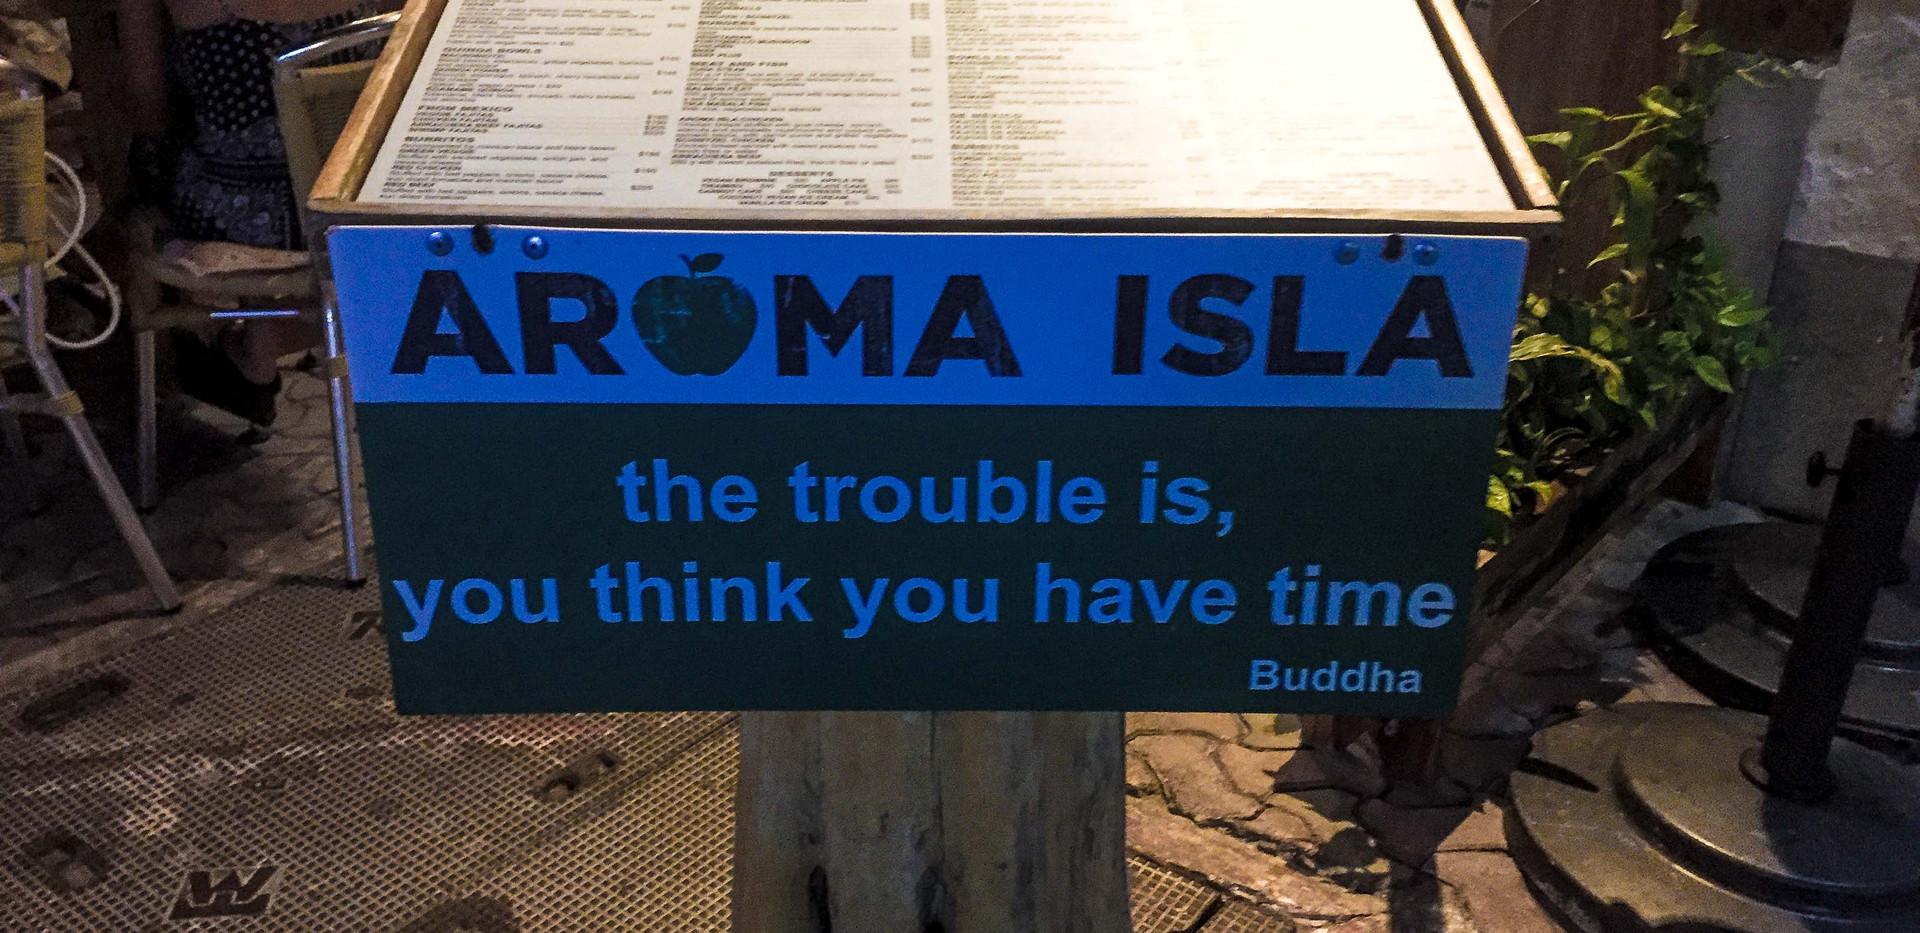 AromaIsla811-tasteofisla-islamujeres-foo